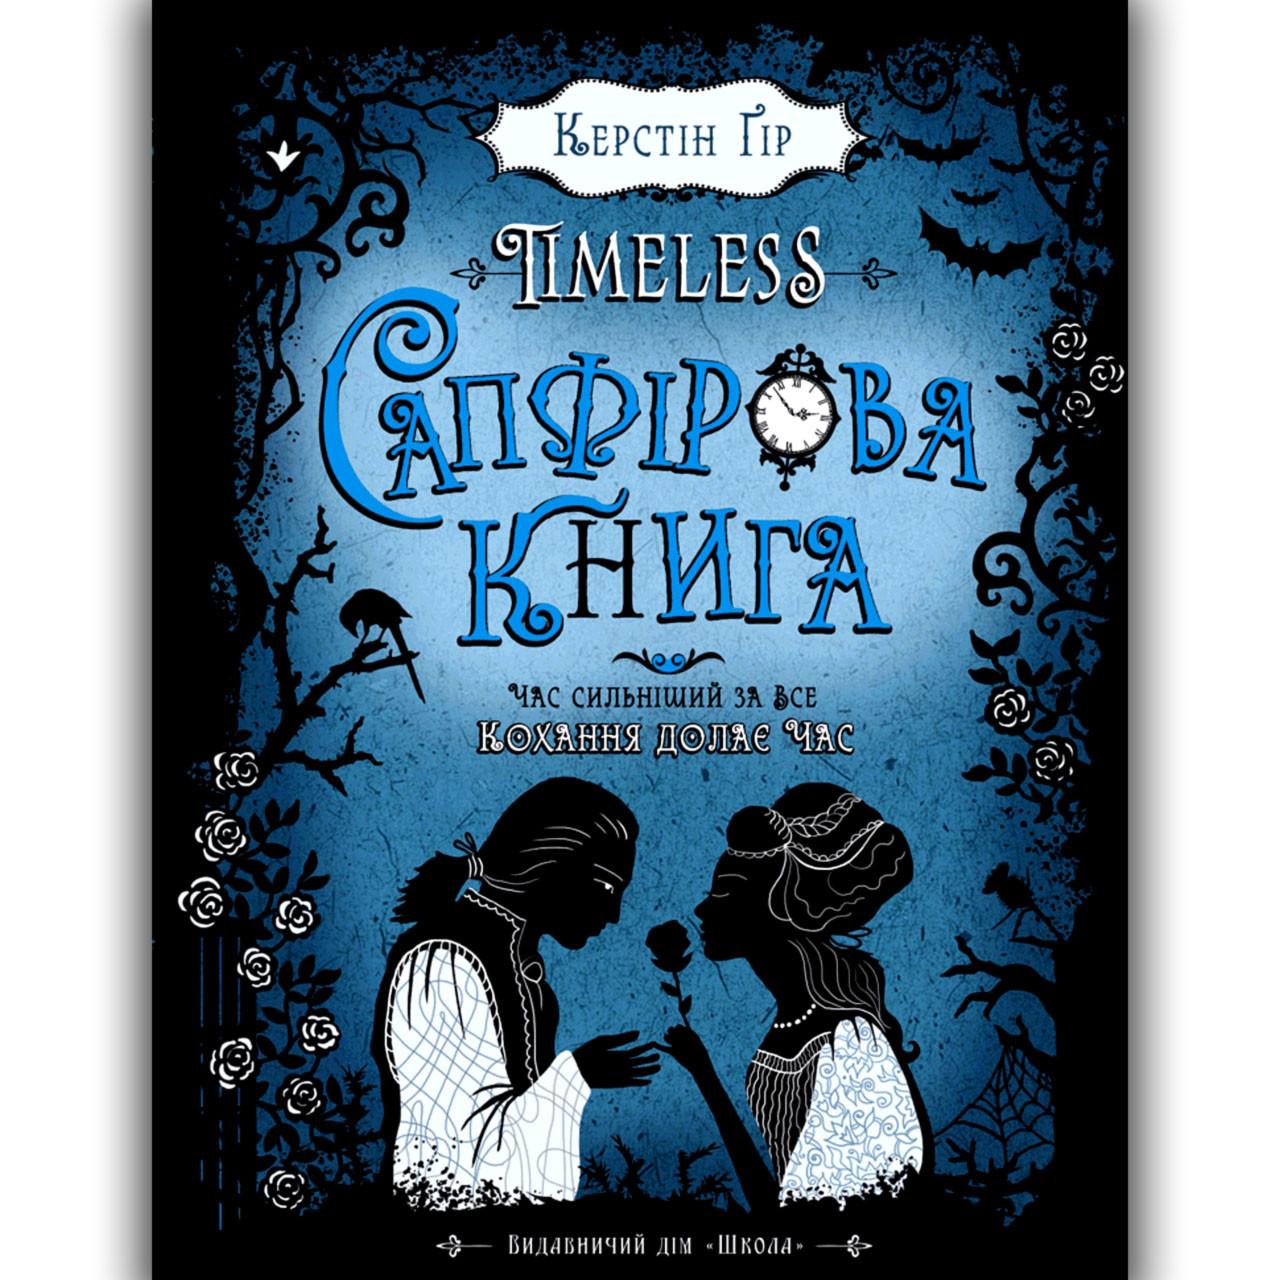 Timeless Книга 2 Сапфірова книга Авт: Керстін Ґір Вид: Школа